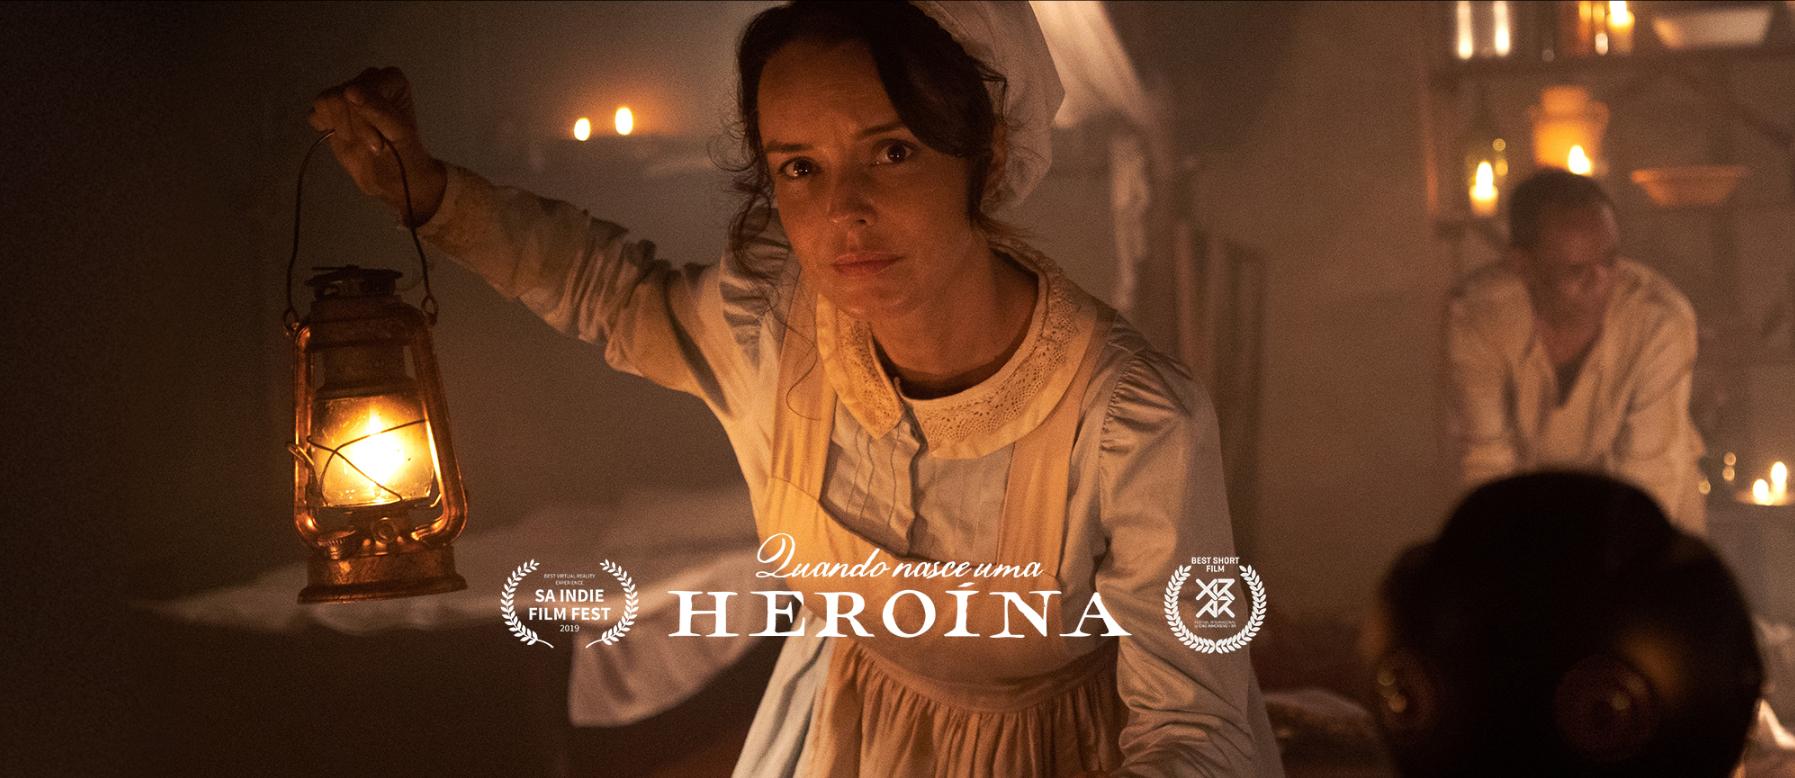 Quando nasce uma heroína